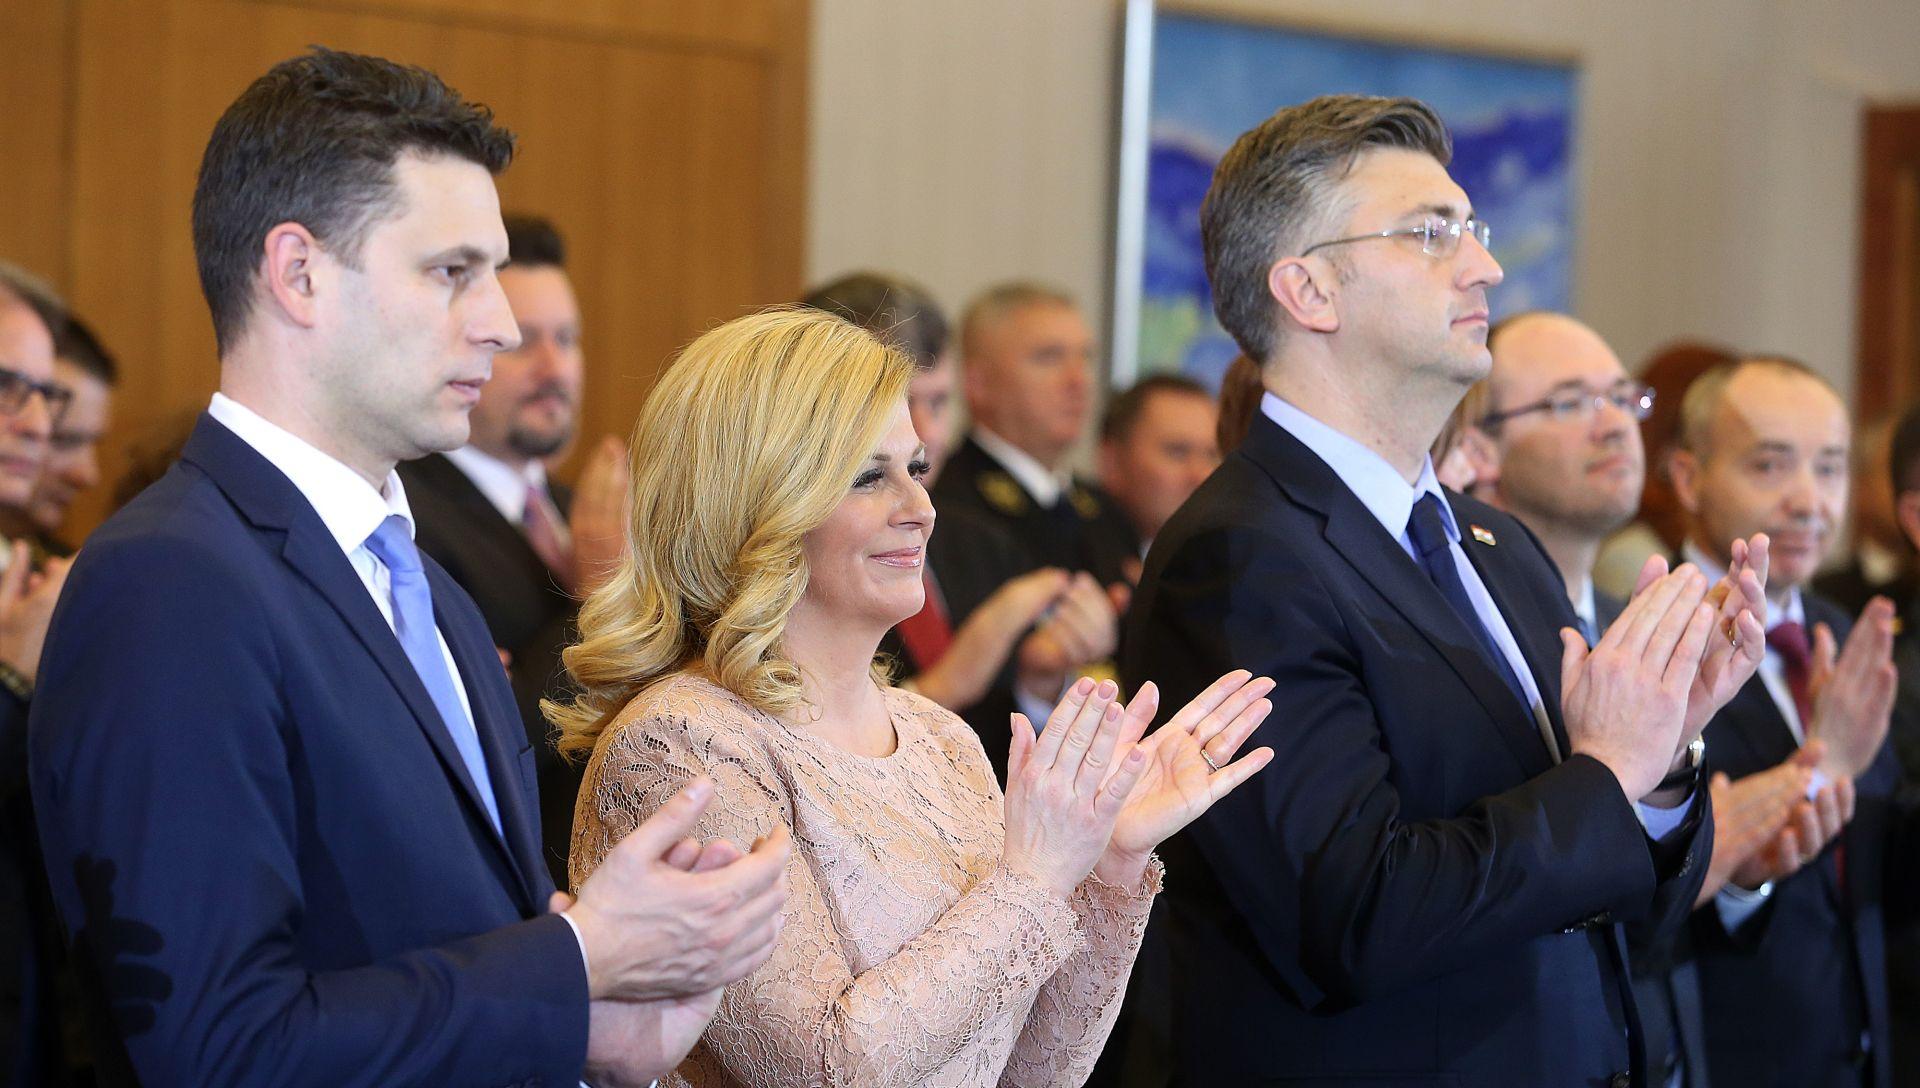 CRO DEMOSKOP Plenković najpozotivniji, 'Nitko' pretekao predsjednicu